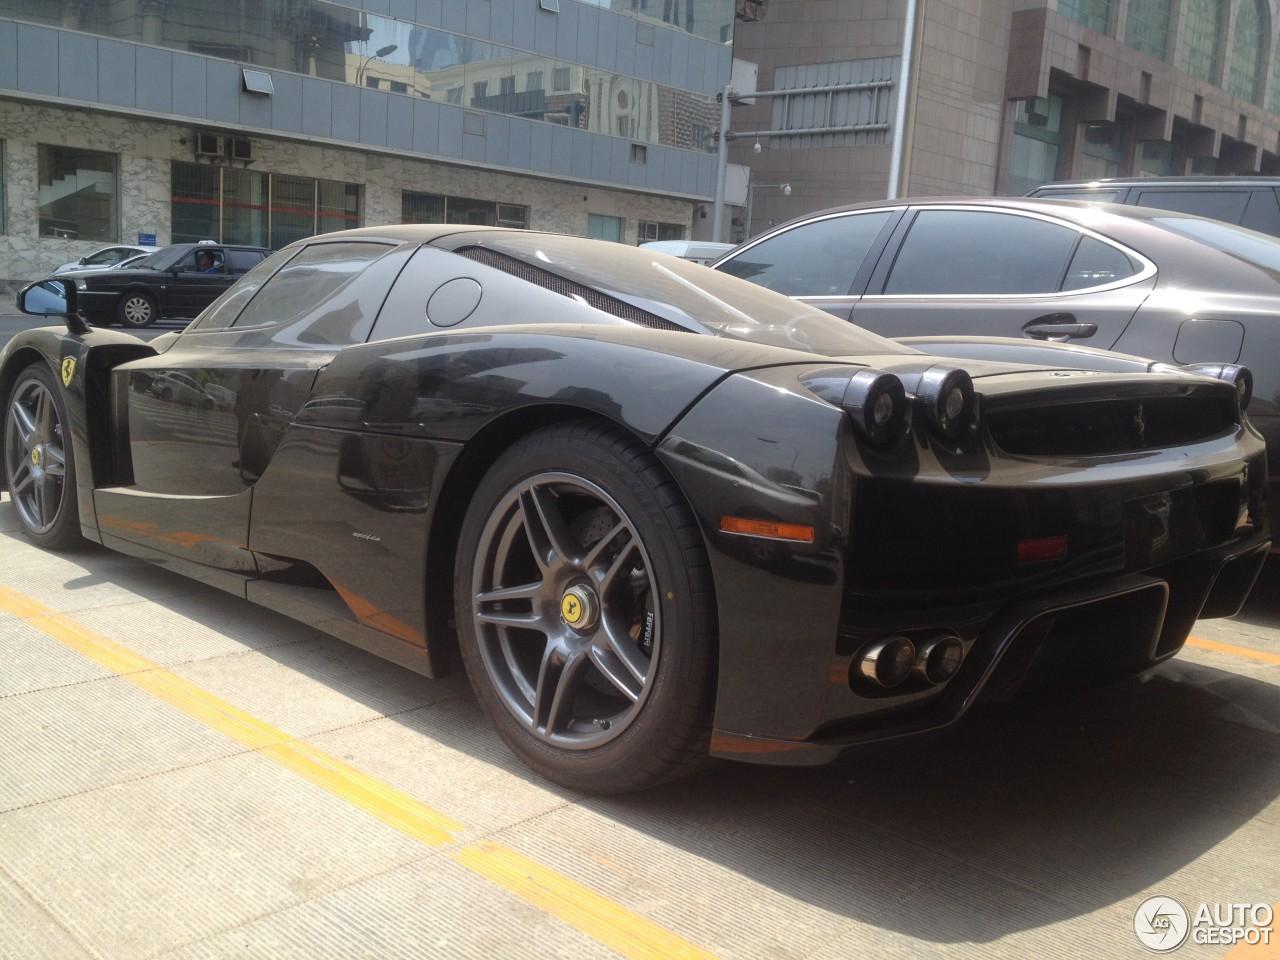 Ferrari enzo ferrari 15 june 2014 autogespot 9 i ferrari enzo ferrari 9 vanachro Image collections